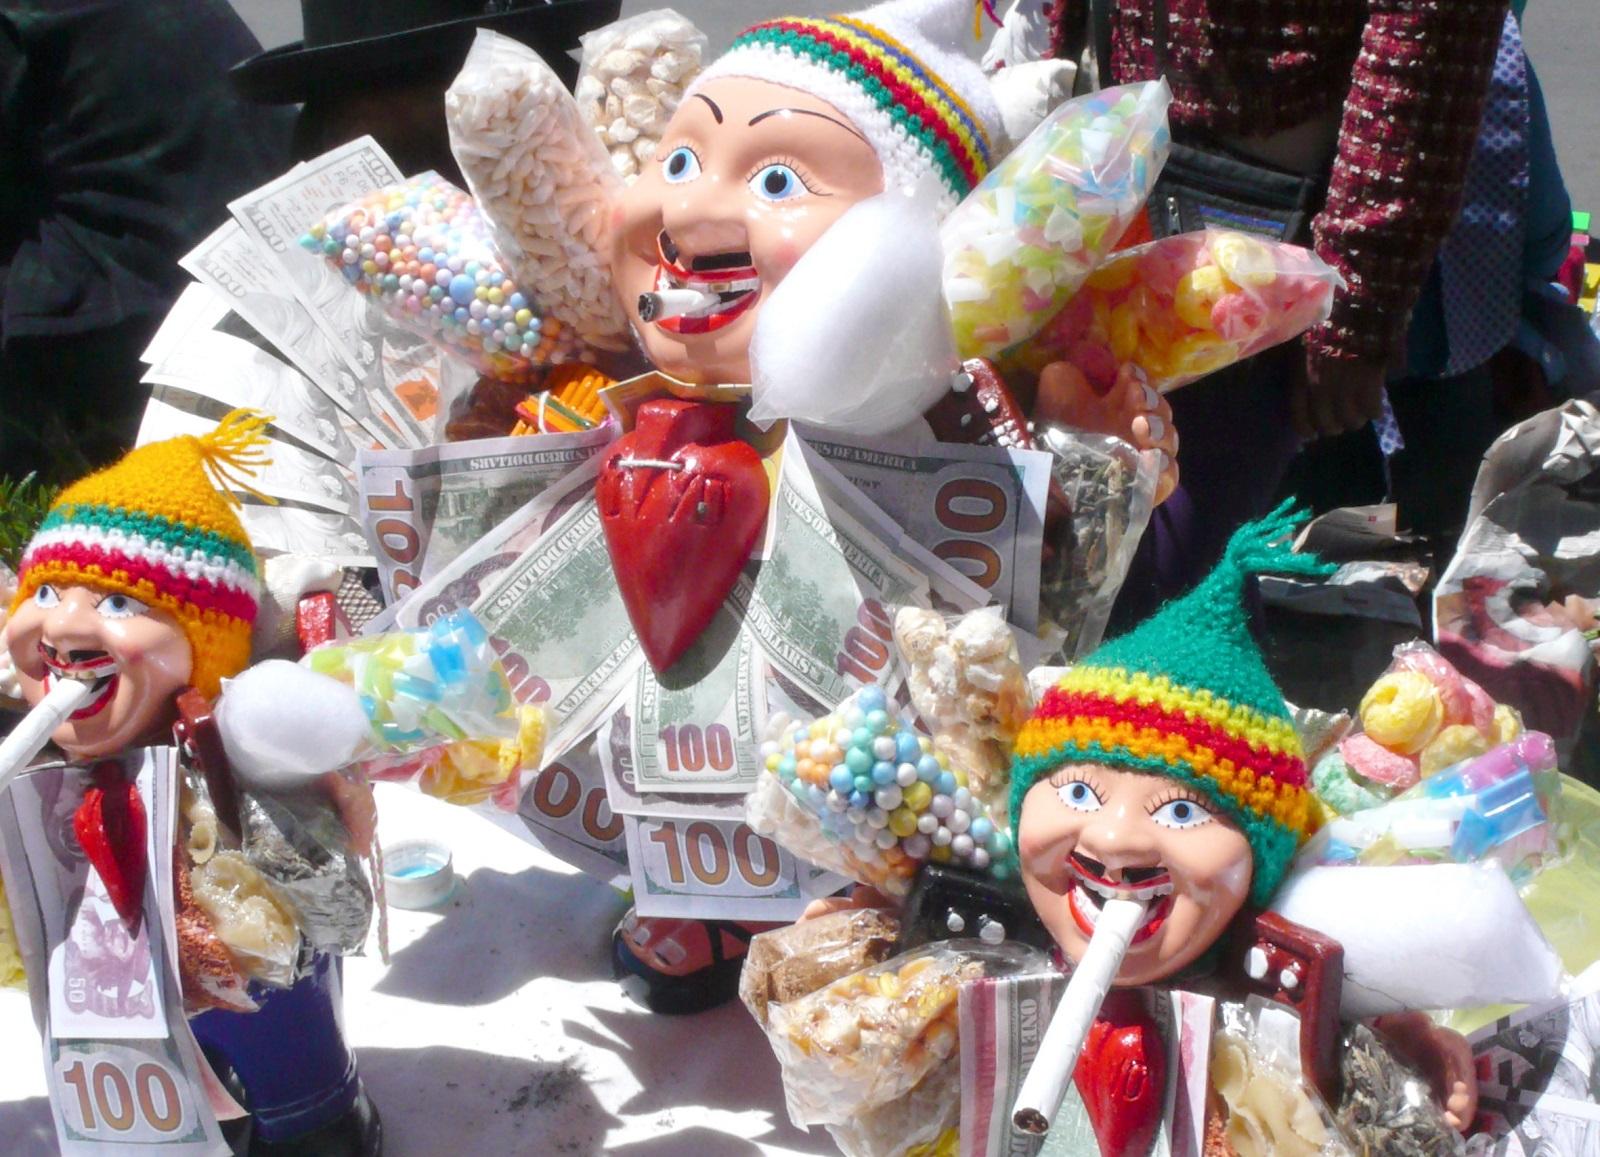 Ekekoa esittävät koriste-esineet ovat suosittuja Alasitas-markkinoilla. Ekeko on Andien mytologiassa ja kansanperinteessä runsauden ja vaurauden jumala. Tupakkaa kuuluu uhrata, jotta Ekeko on suotuisa.